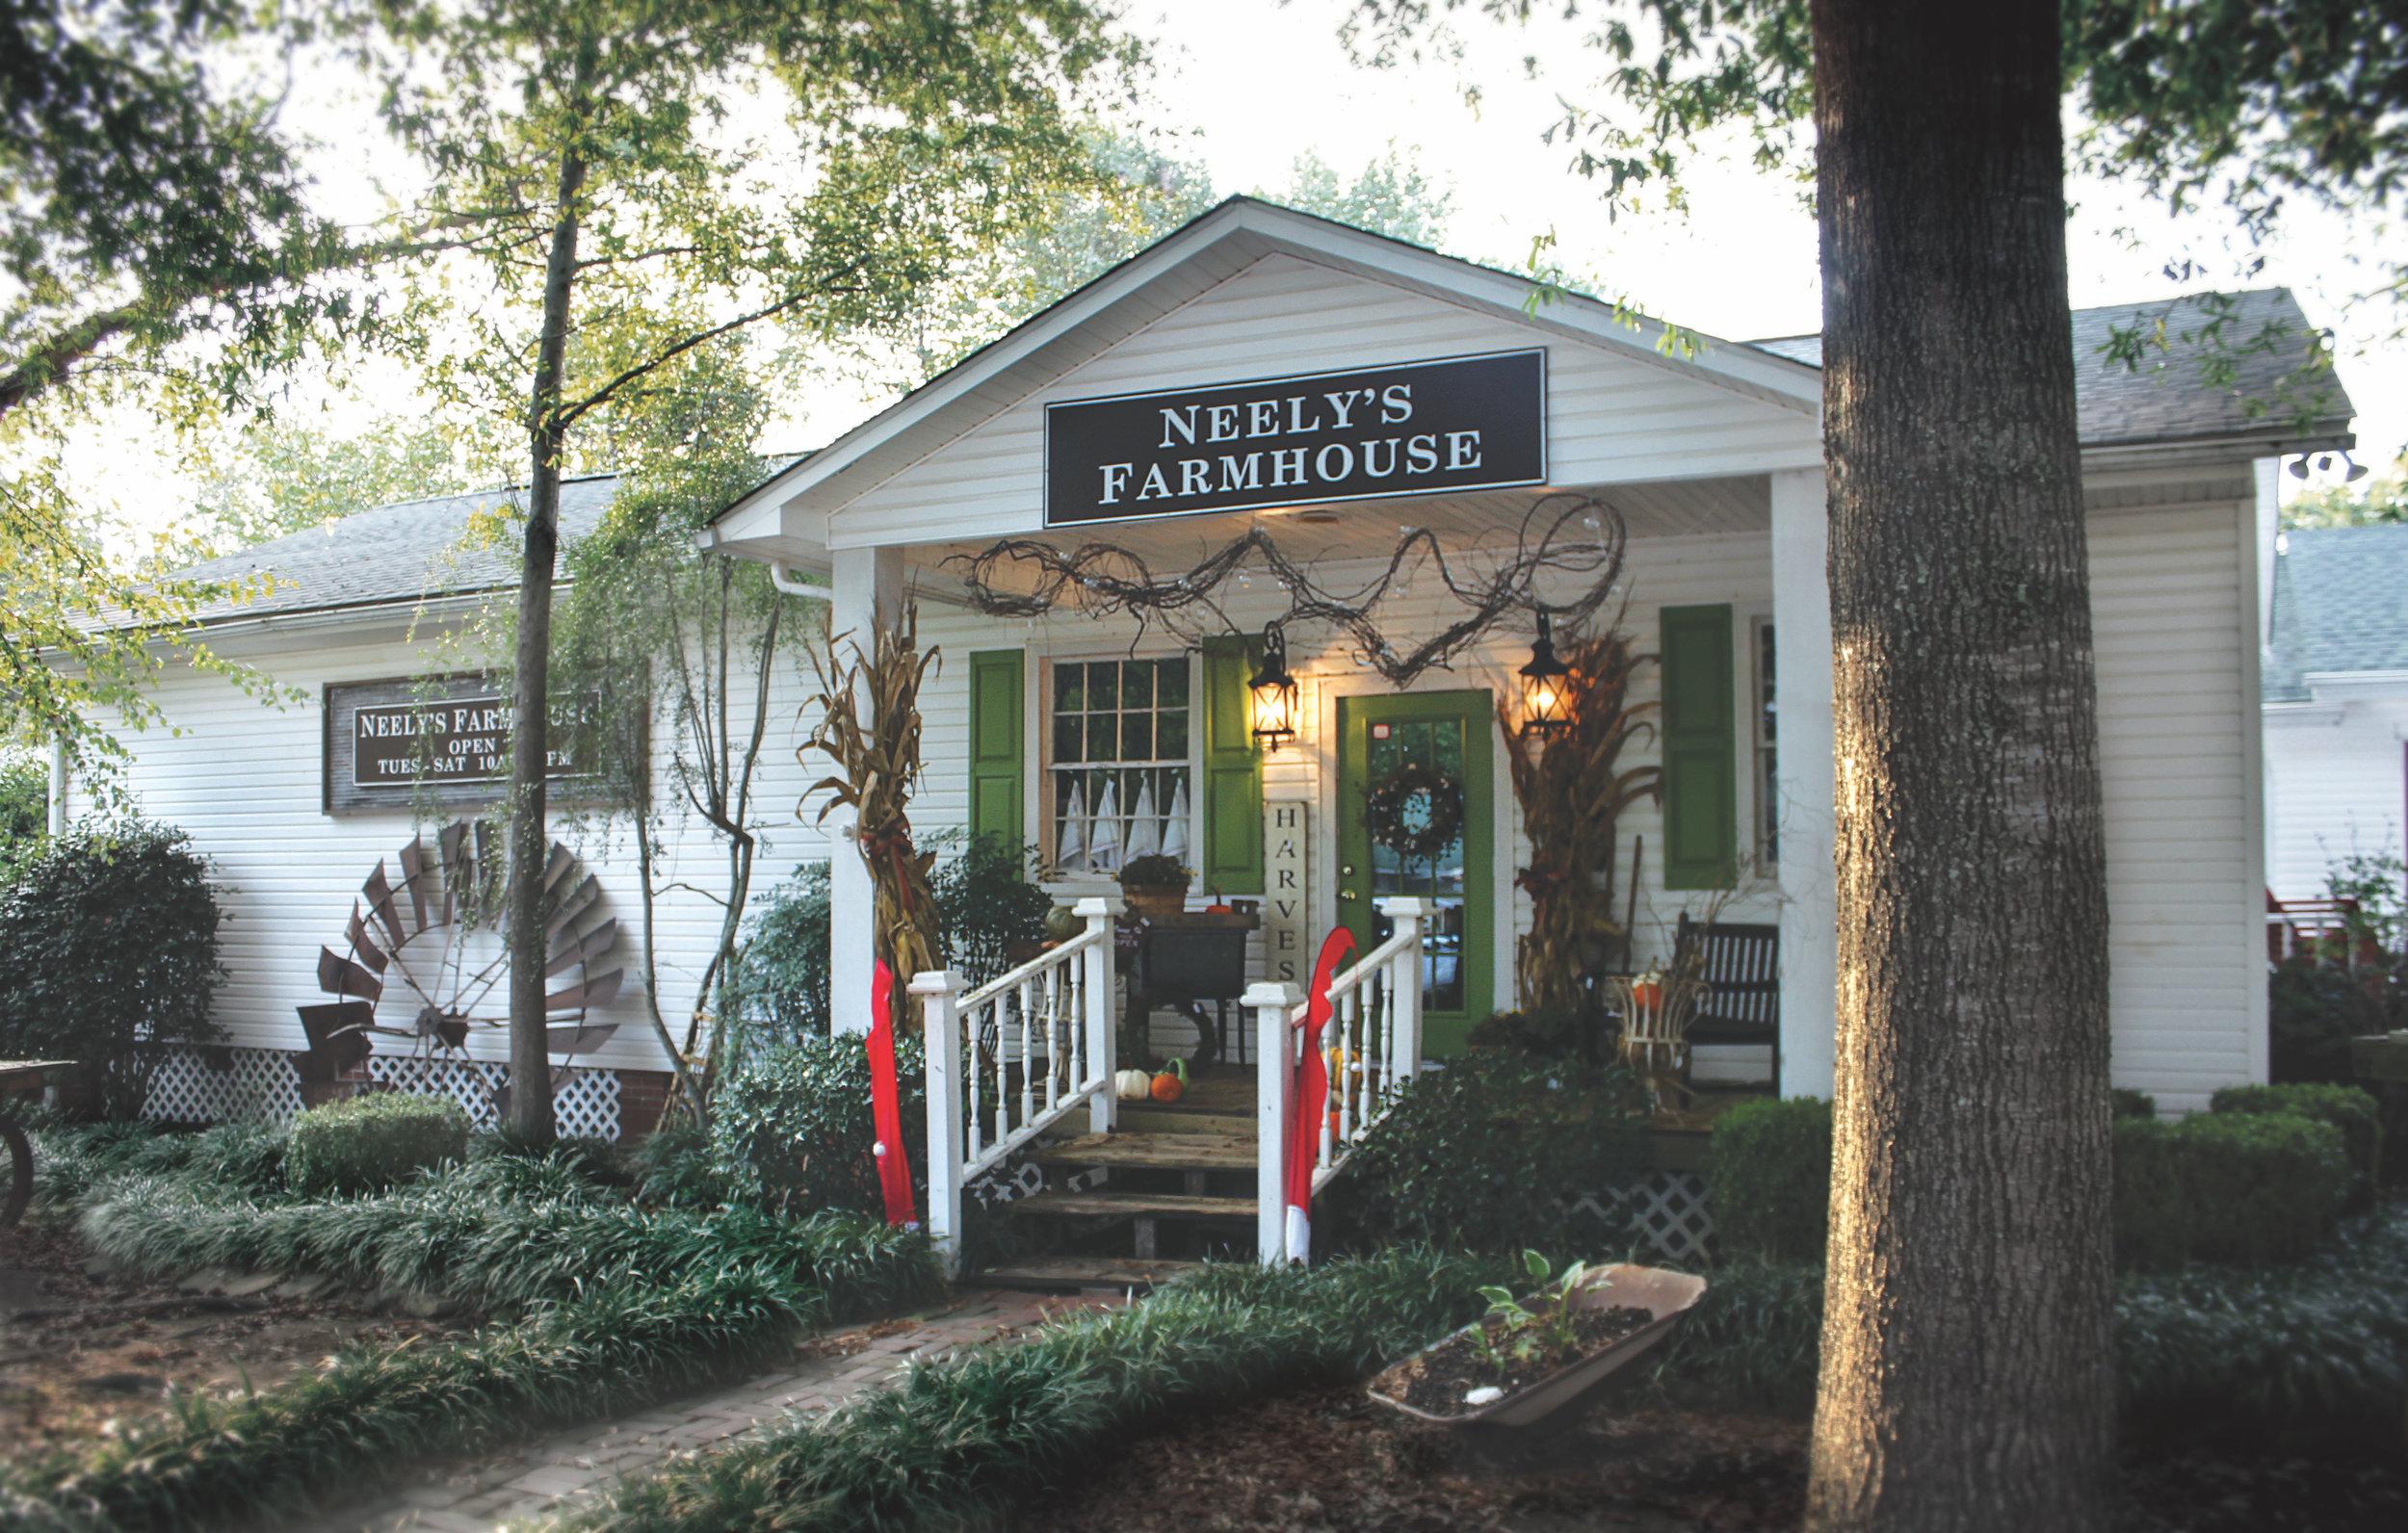 Neely's Farmhouse